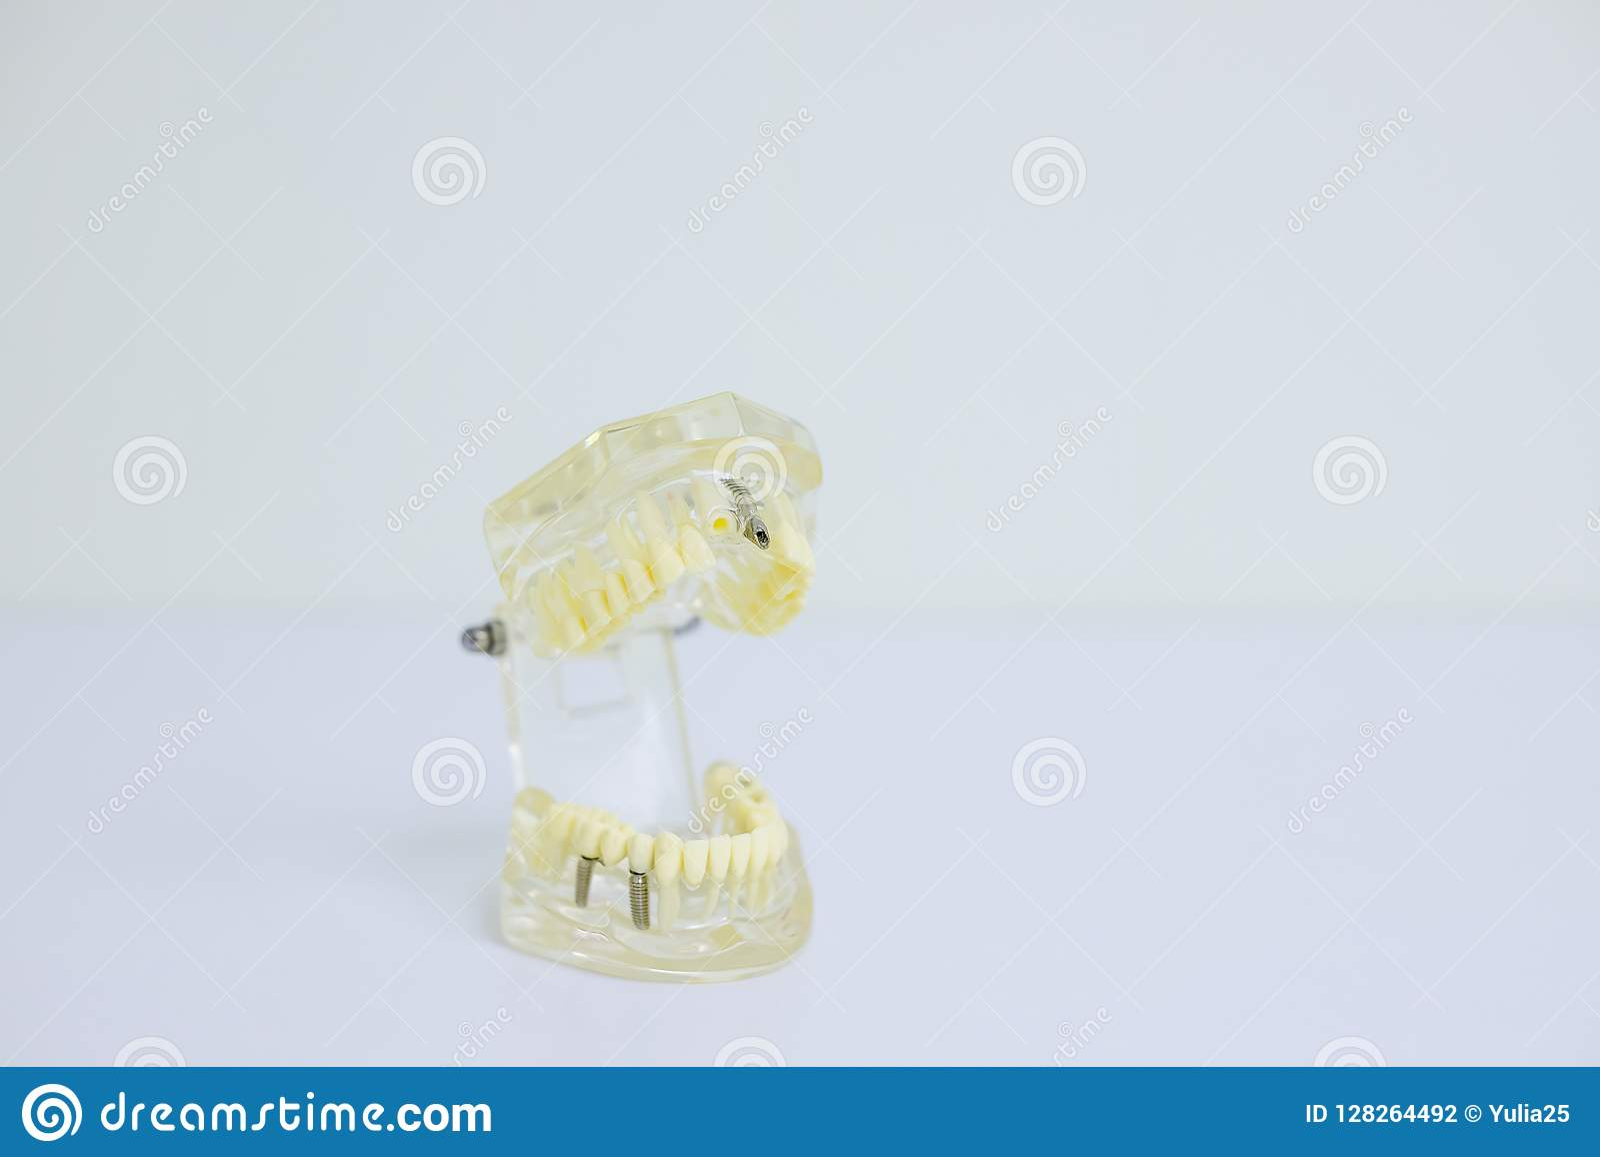 Estudiante dental de la odontología del diente que aprende el modelo de enseñanza que muestra los dientes, las raíces, las gomas,